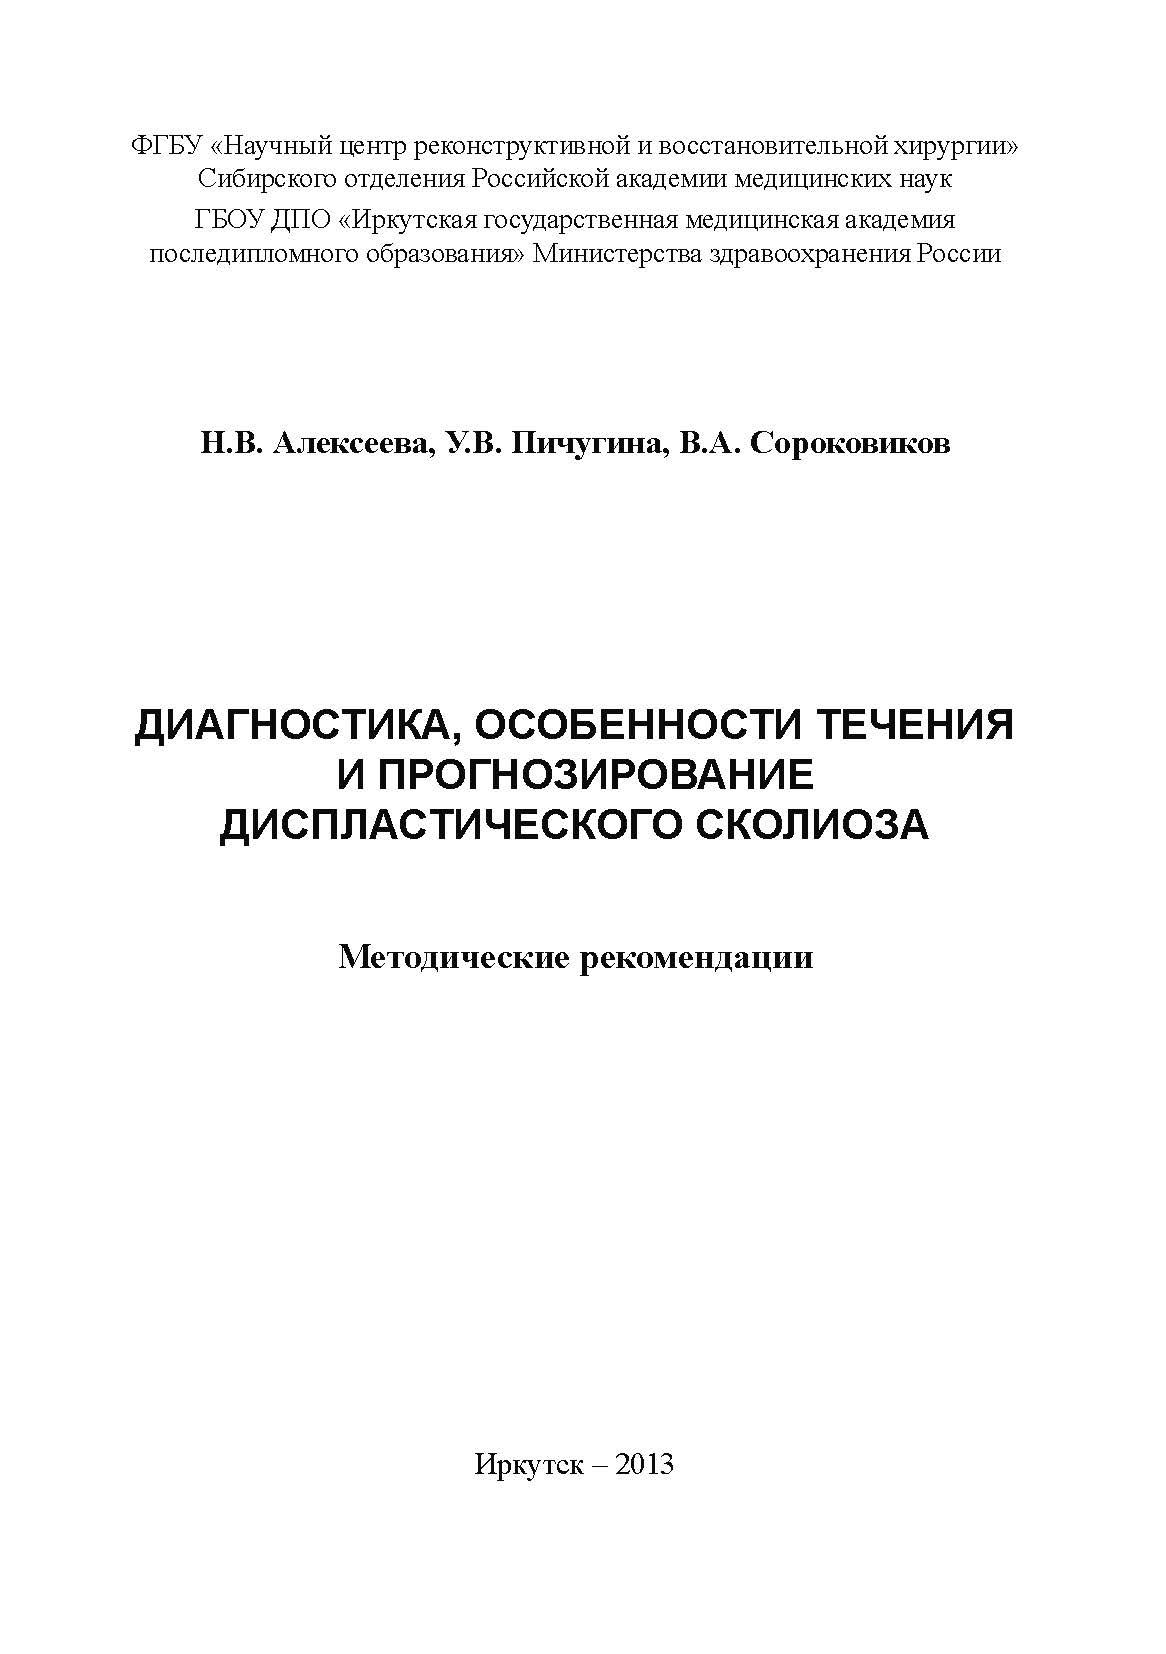 Алексеева_2013